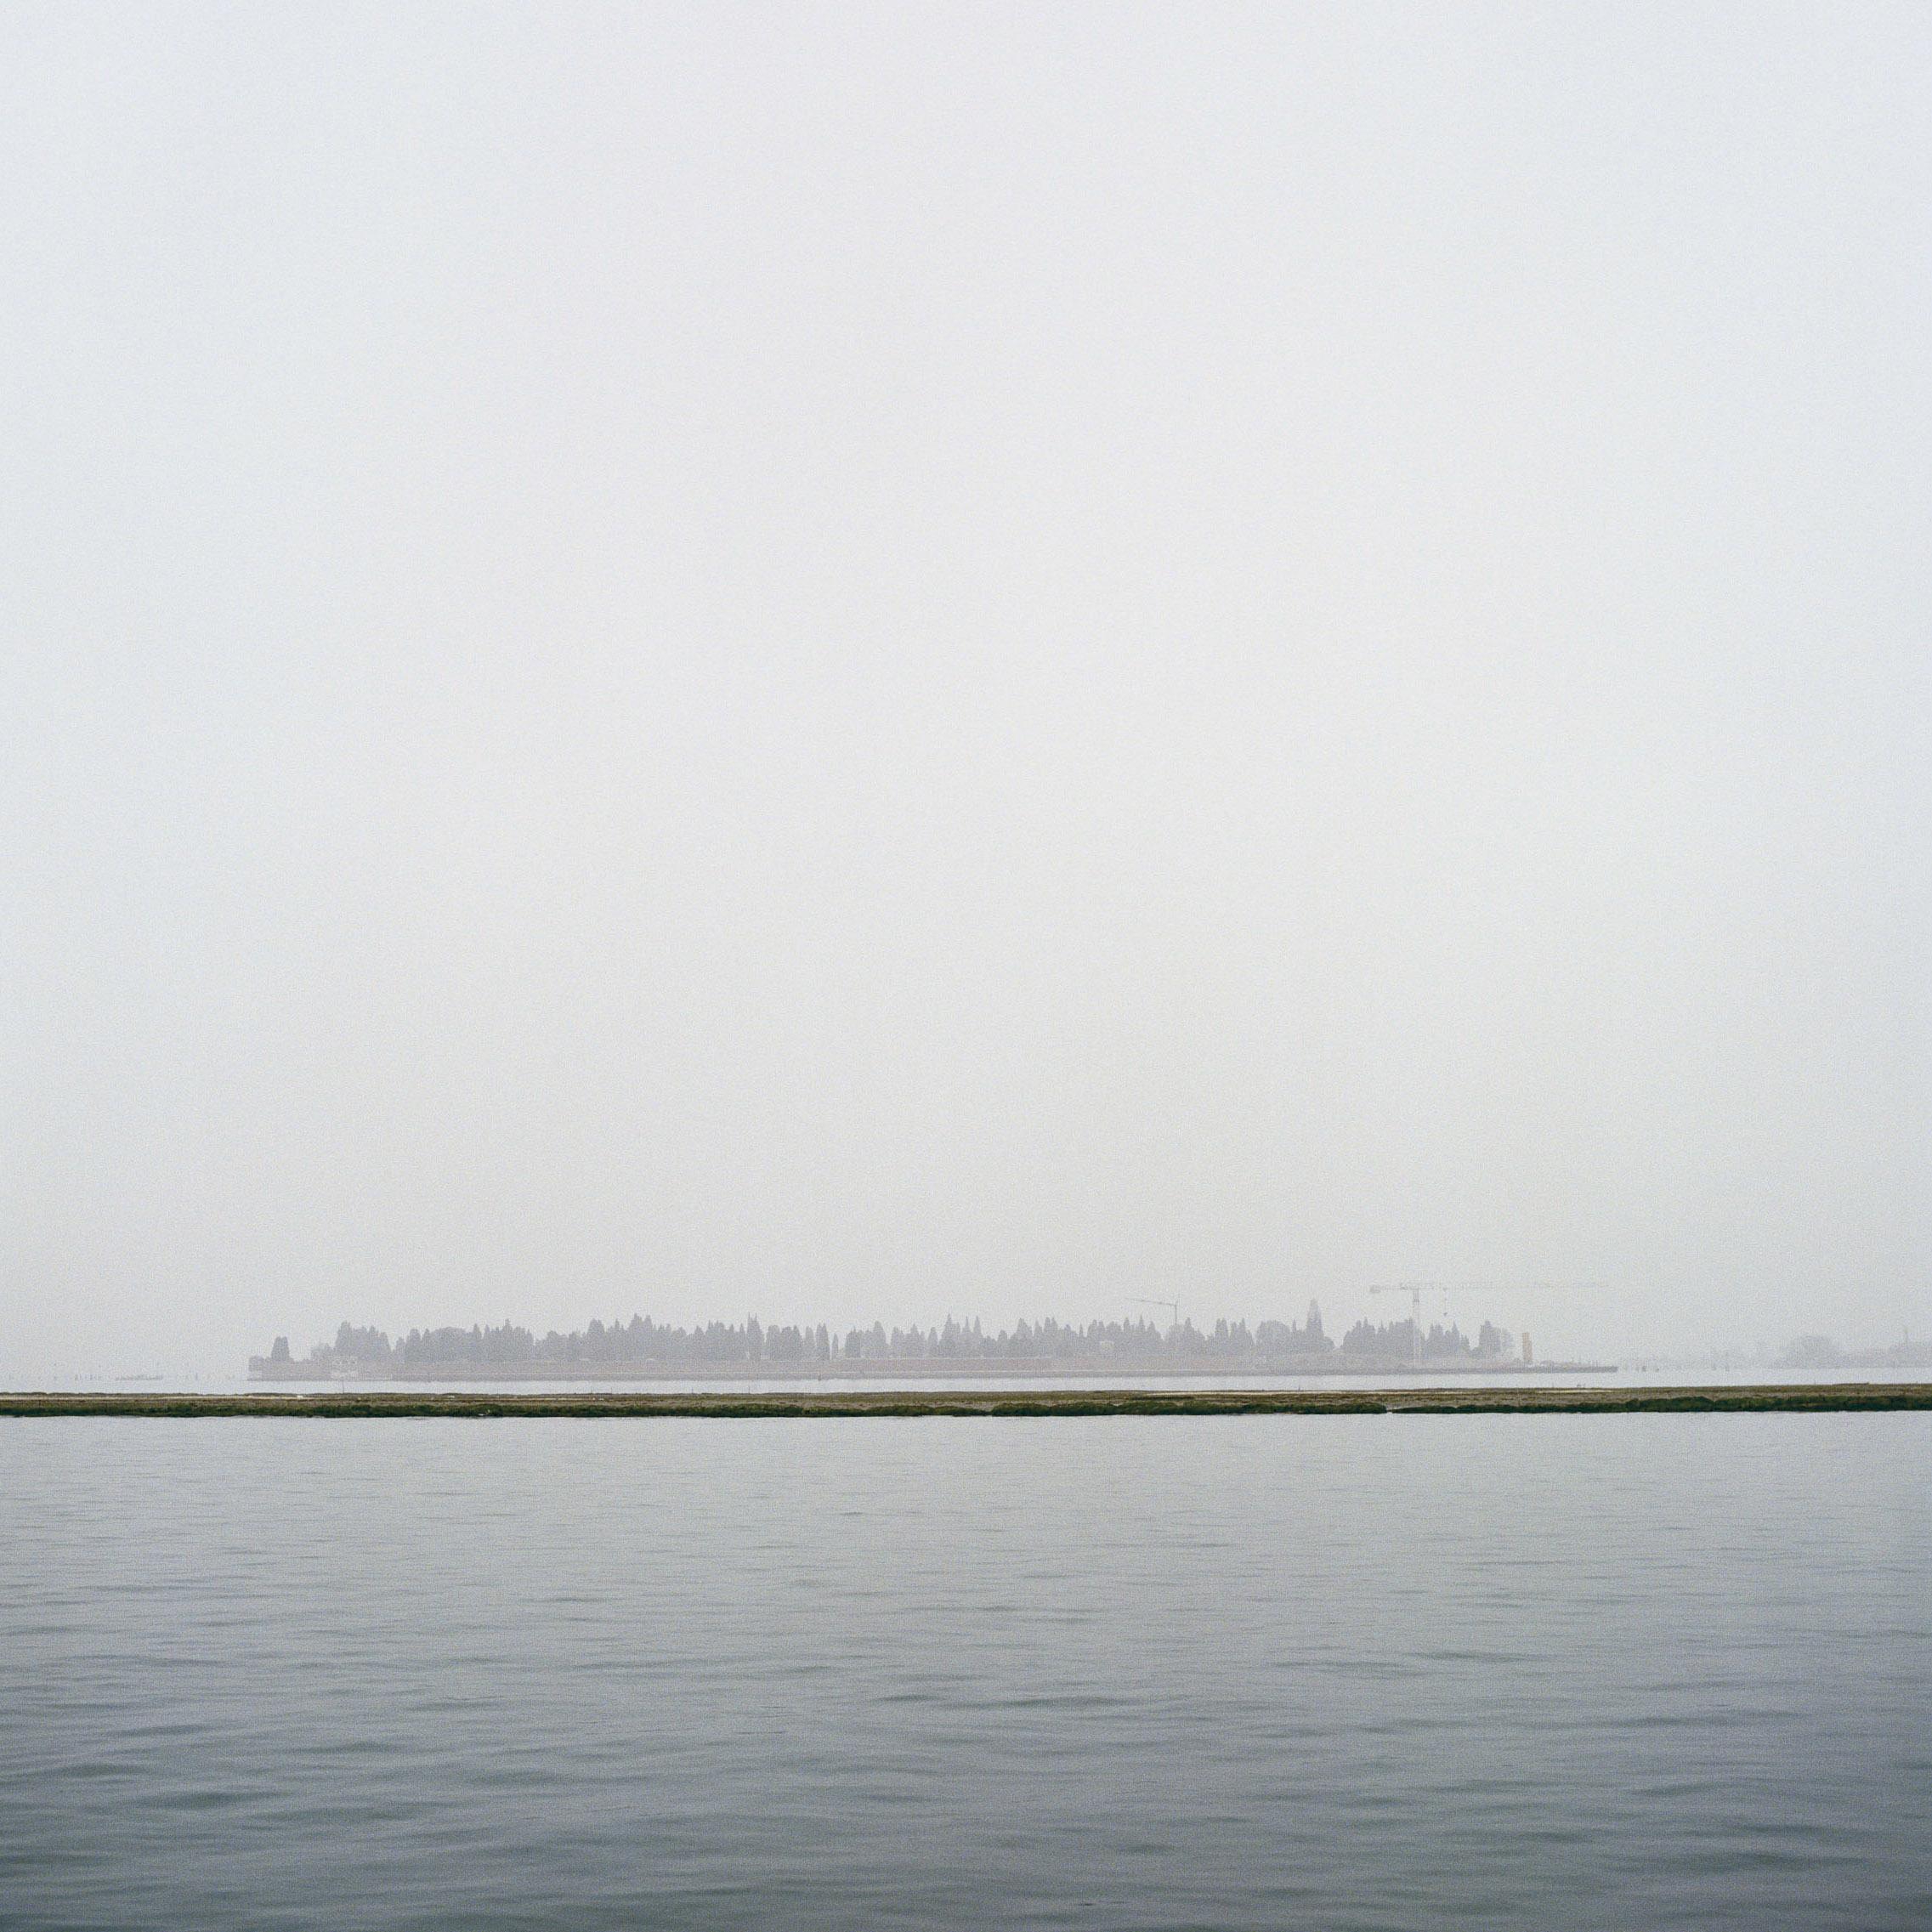 3134-48.jpg